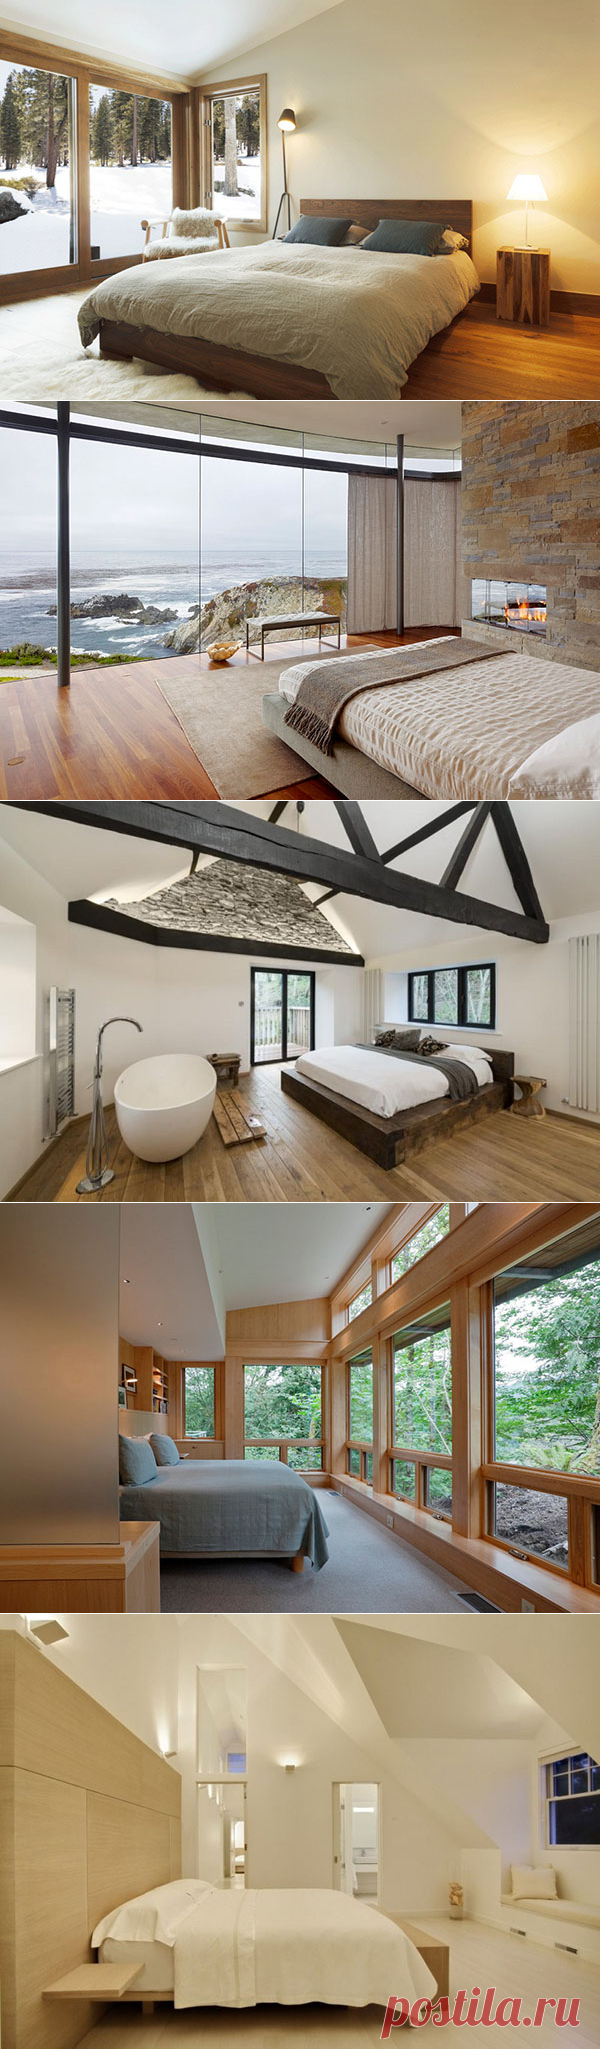 45 Невероятные дизайнерские идеи минимализма спальня